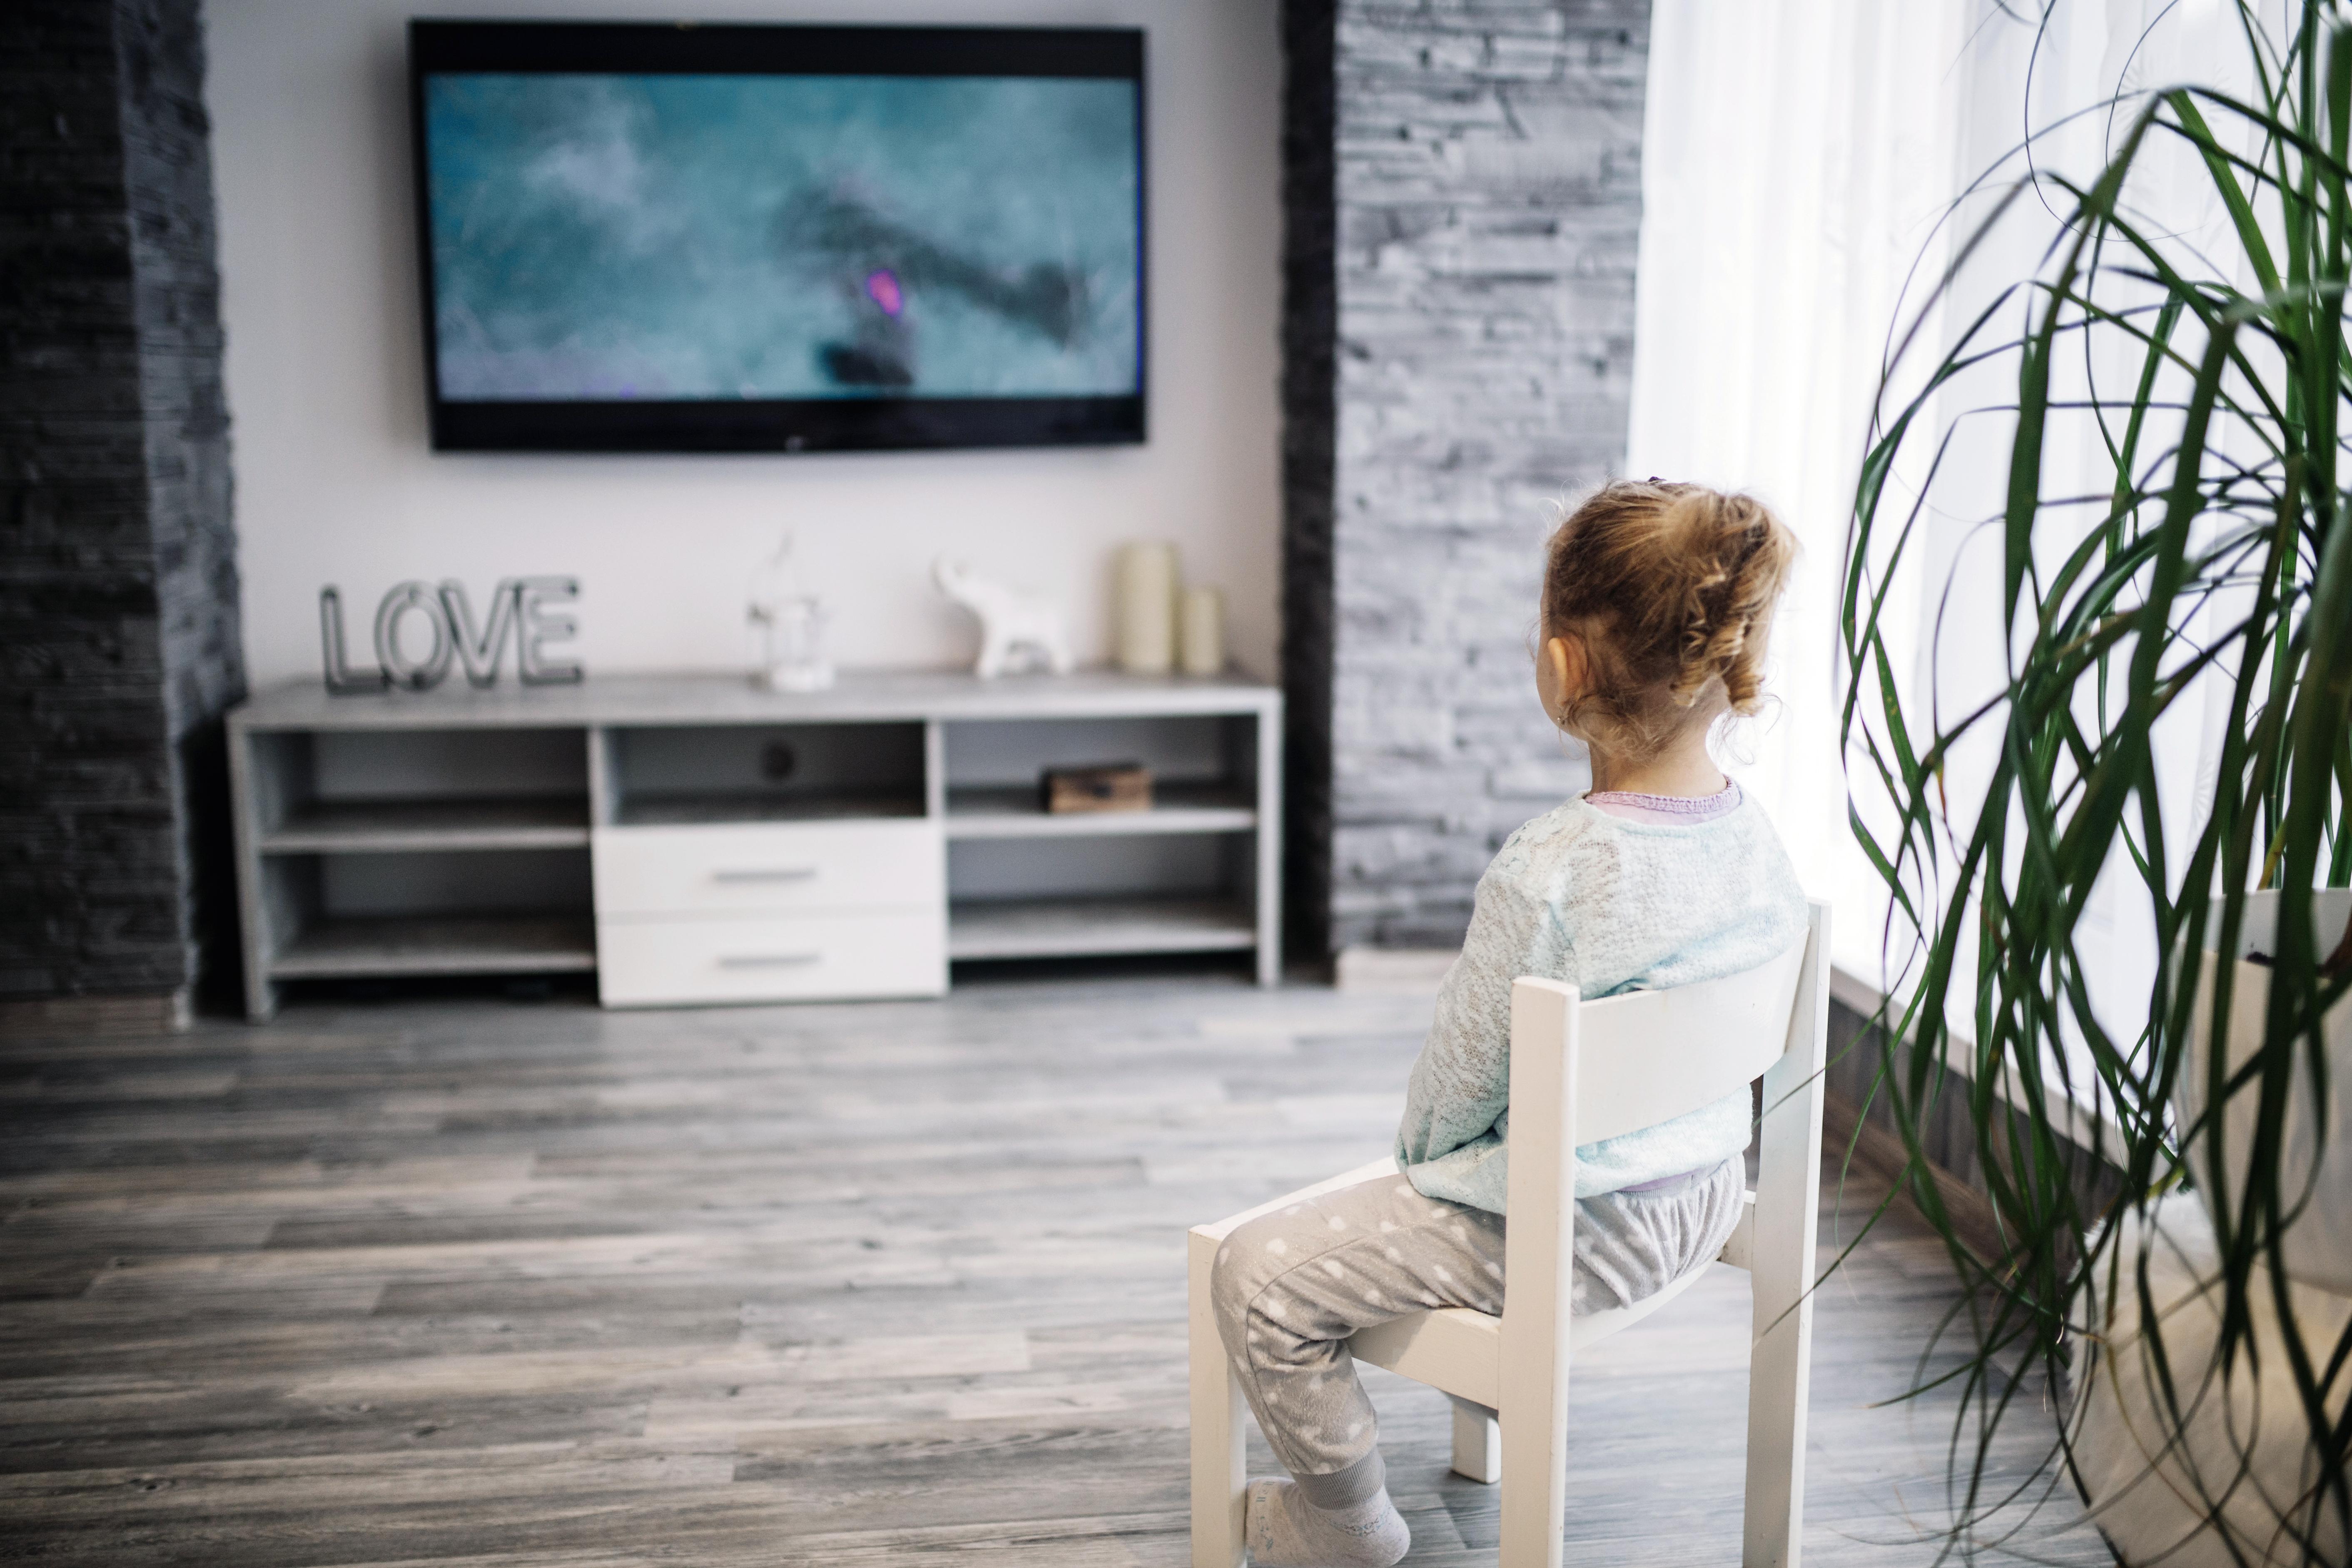 10 ทีวีคุณภาพเยี่ยมจากแบรนด์ดัง ลดแล้วลดราคาอีก ห้ามพลาดในปี 2019